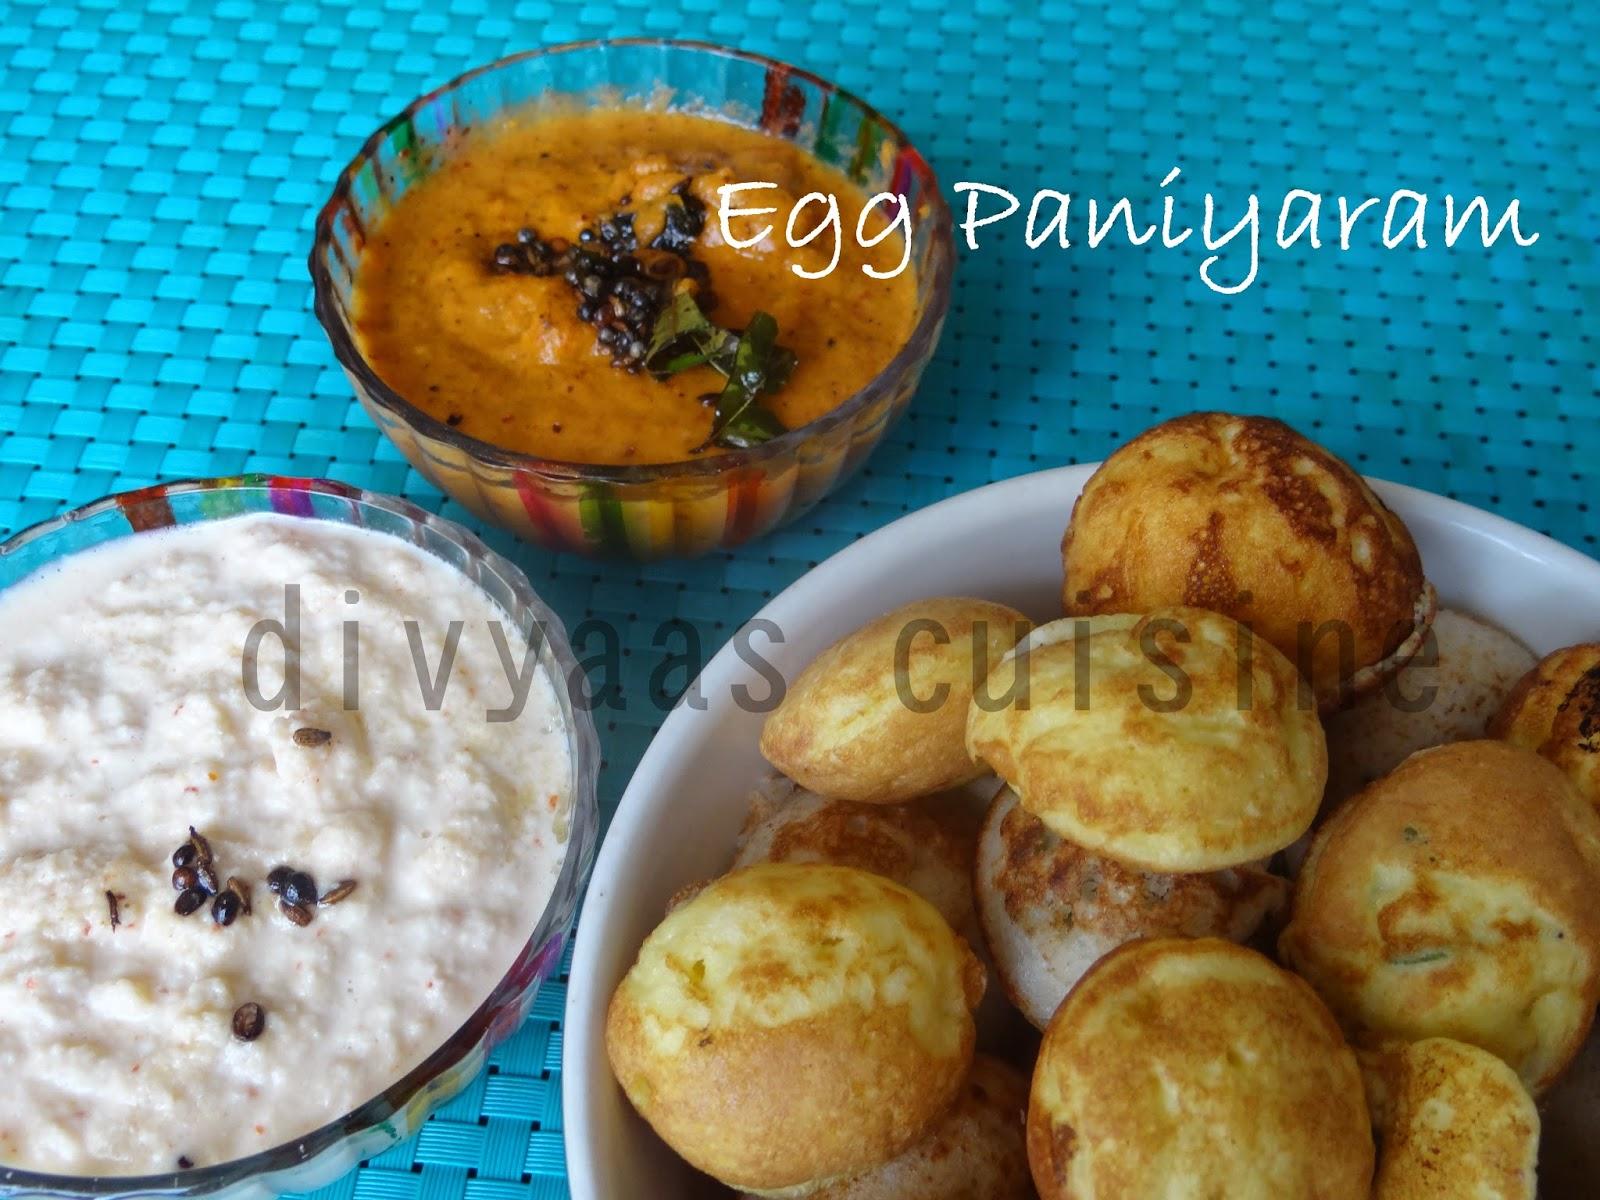 Egg Paniyaram